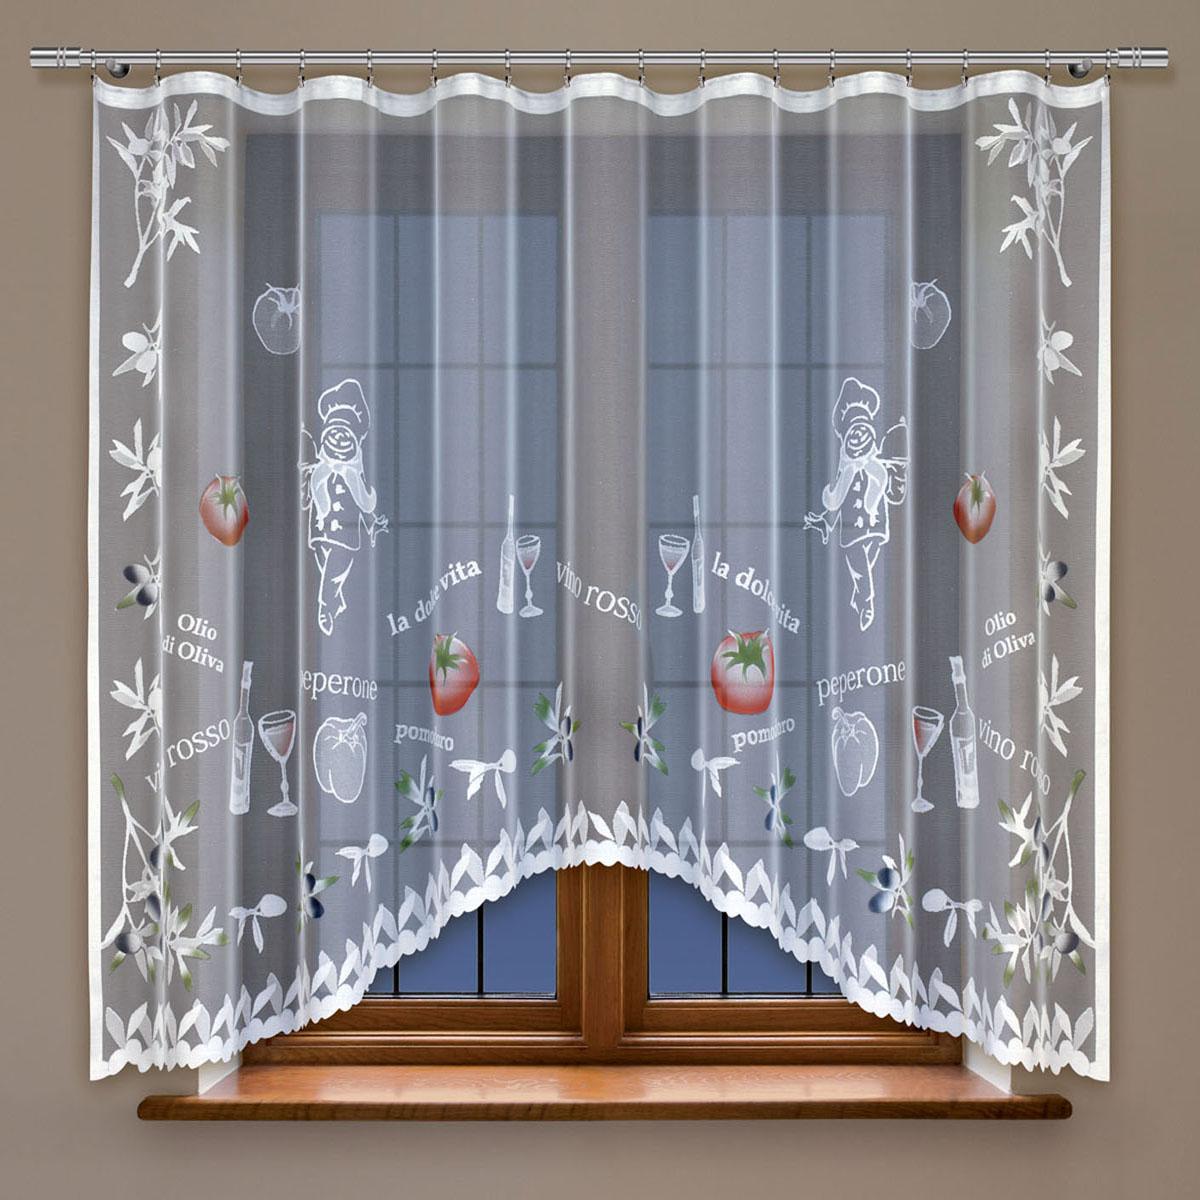 Гардина Haft, цвет: белый, ширина 300 см, высота 160 см. 214200/160SVC-300Жаккардовая гардина-арка в кухню белого цвета Размеры: высота 160см * ширина 300см